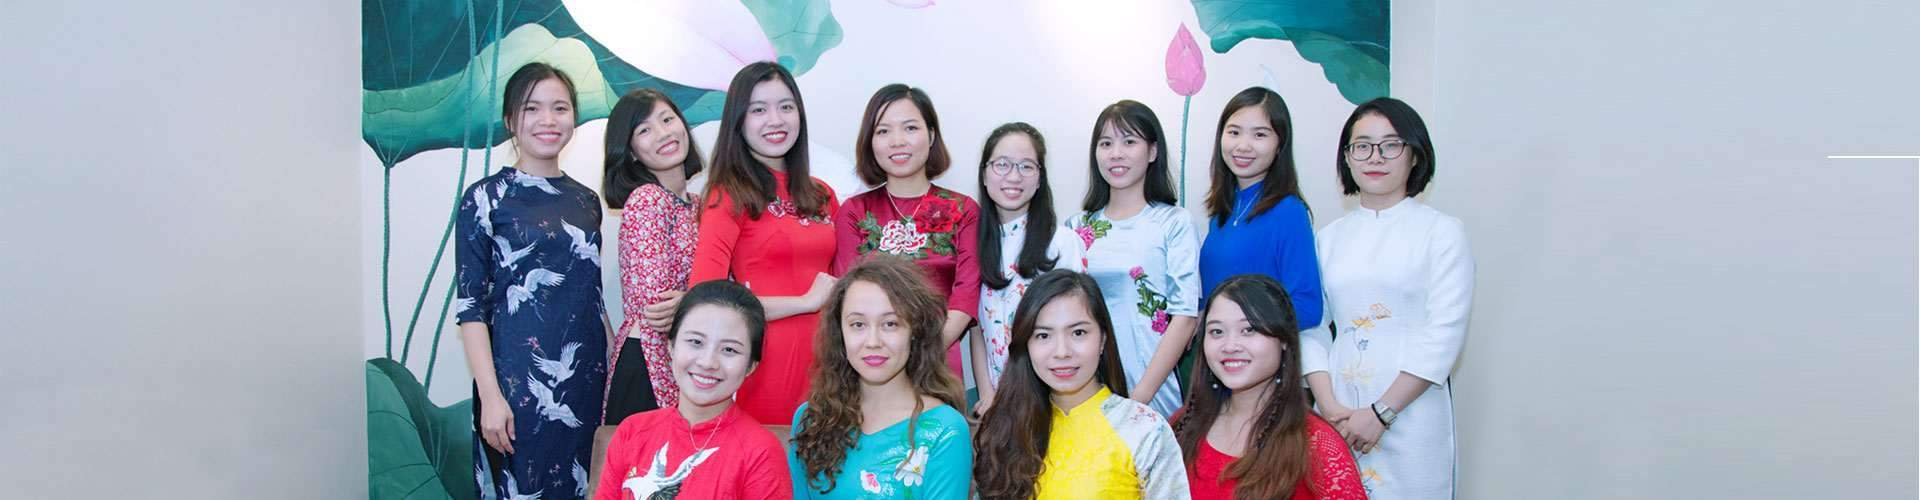 Mundo Asia team